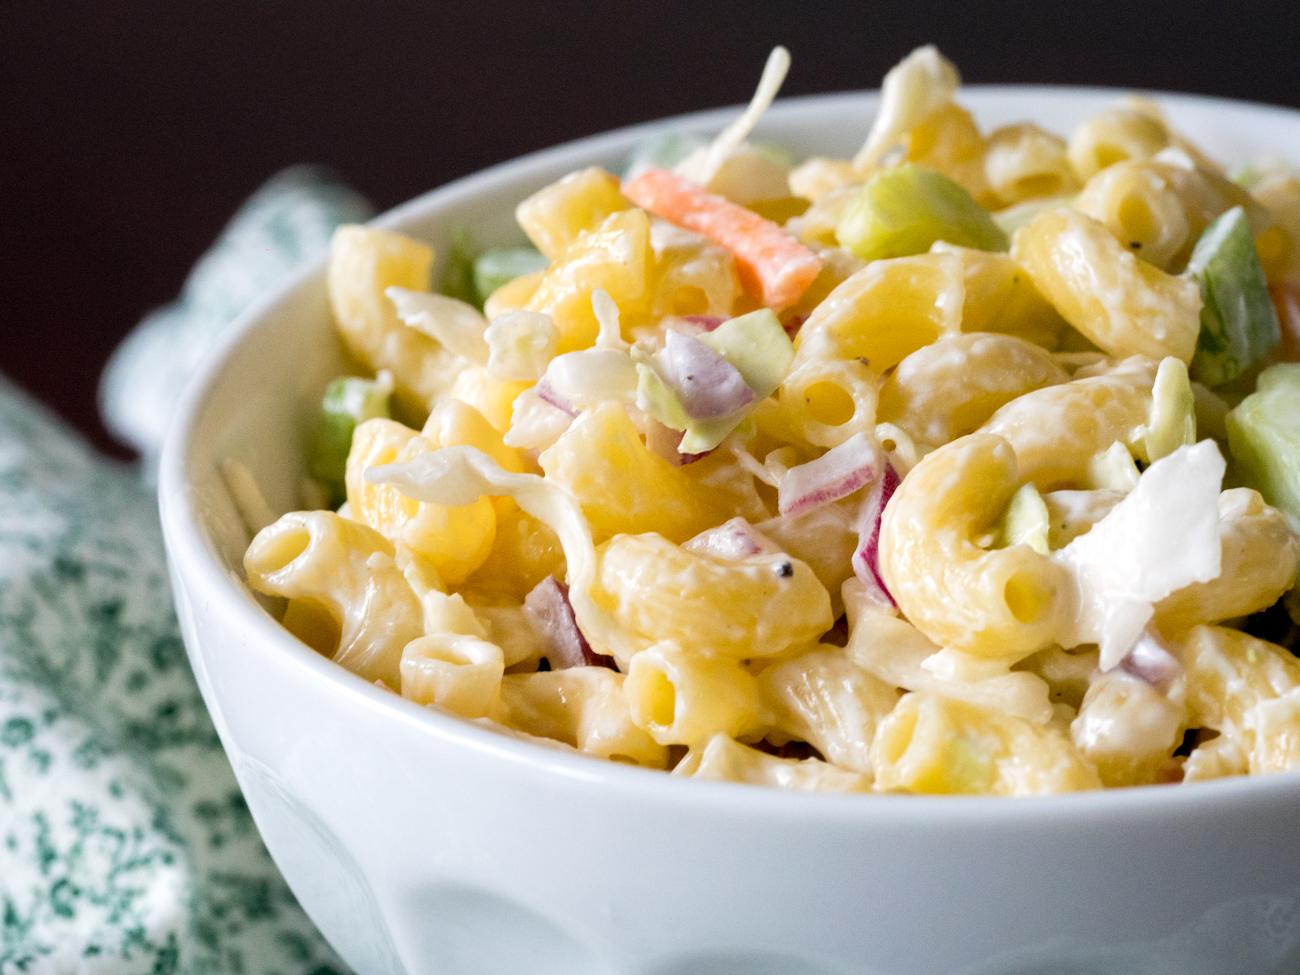 Macaroni Coleslaw Salad Horizontal 2